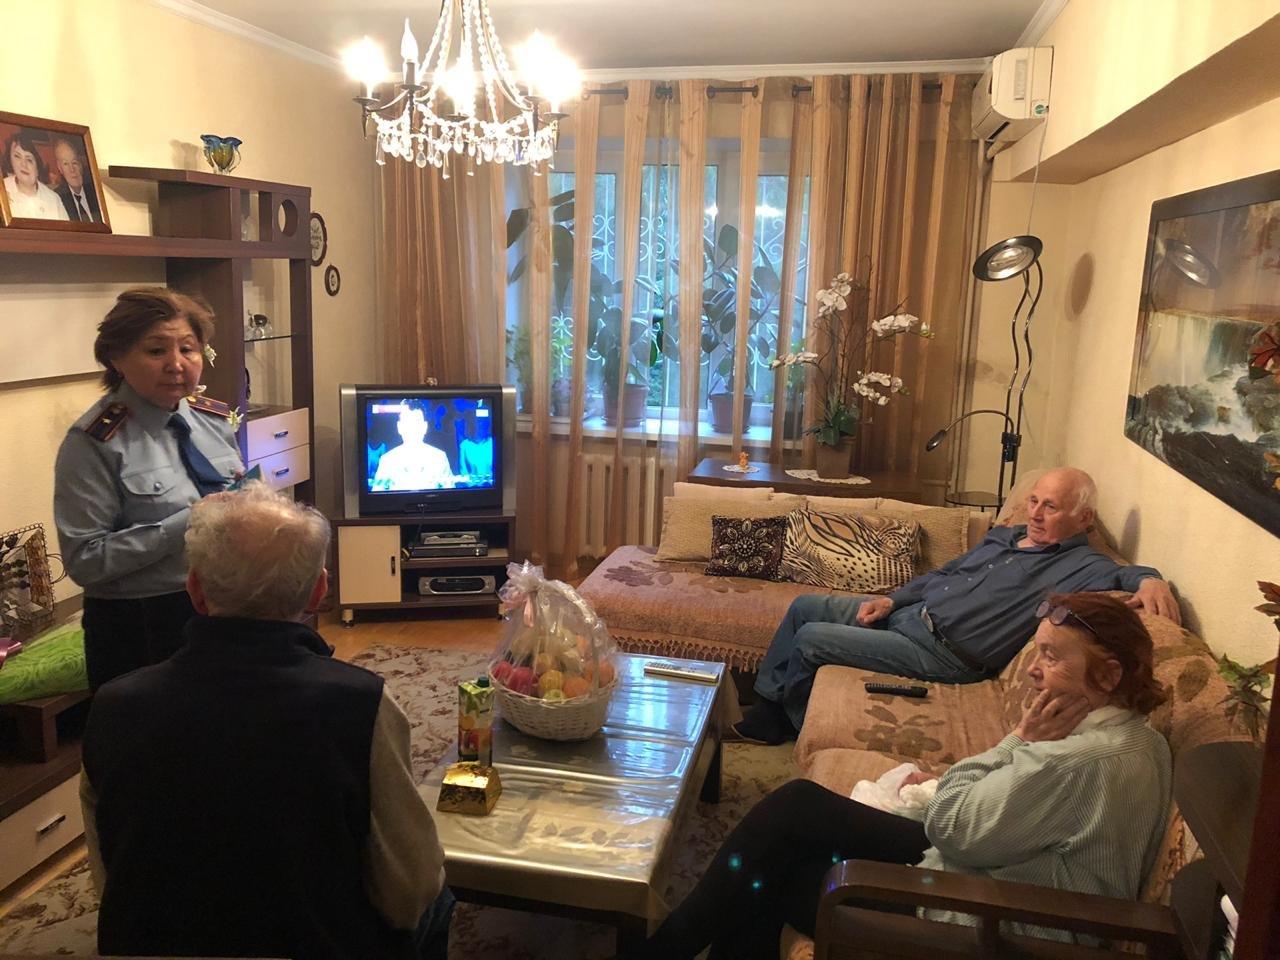 В Алматы ветерану возвратили утерянное пенсионное удостоверение (ФОТО), фото-1